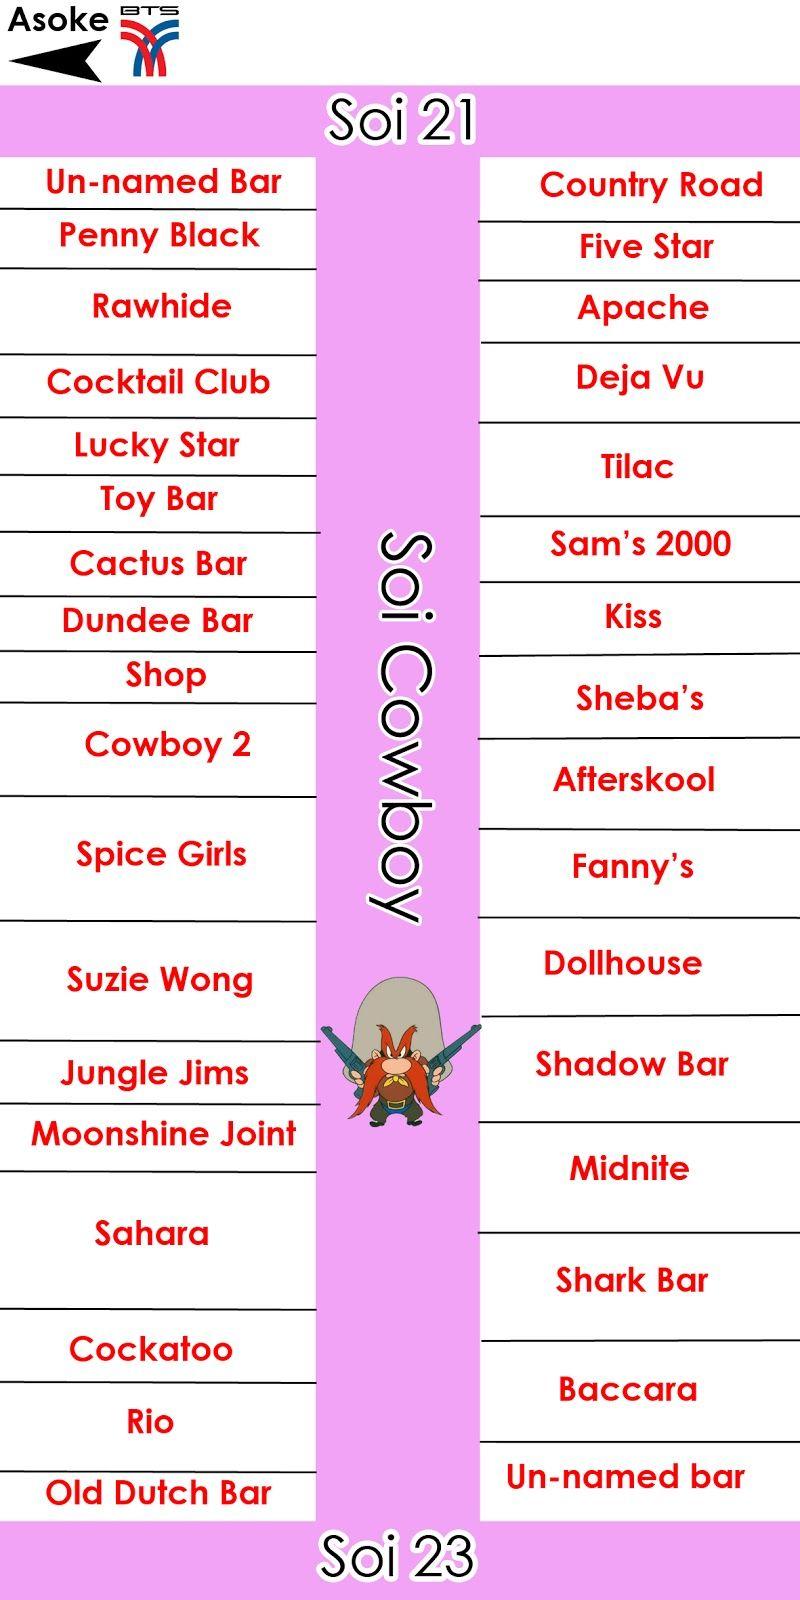 Układ barów na Soi Cowboy